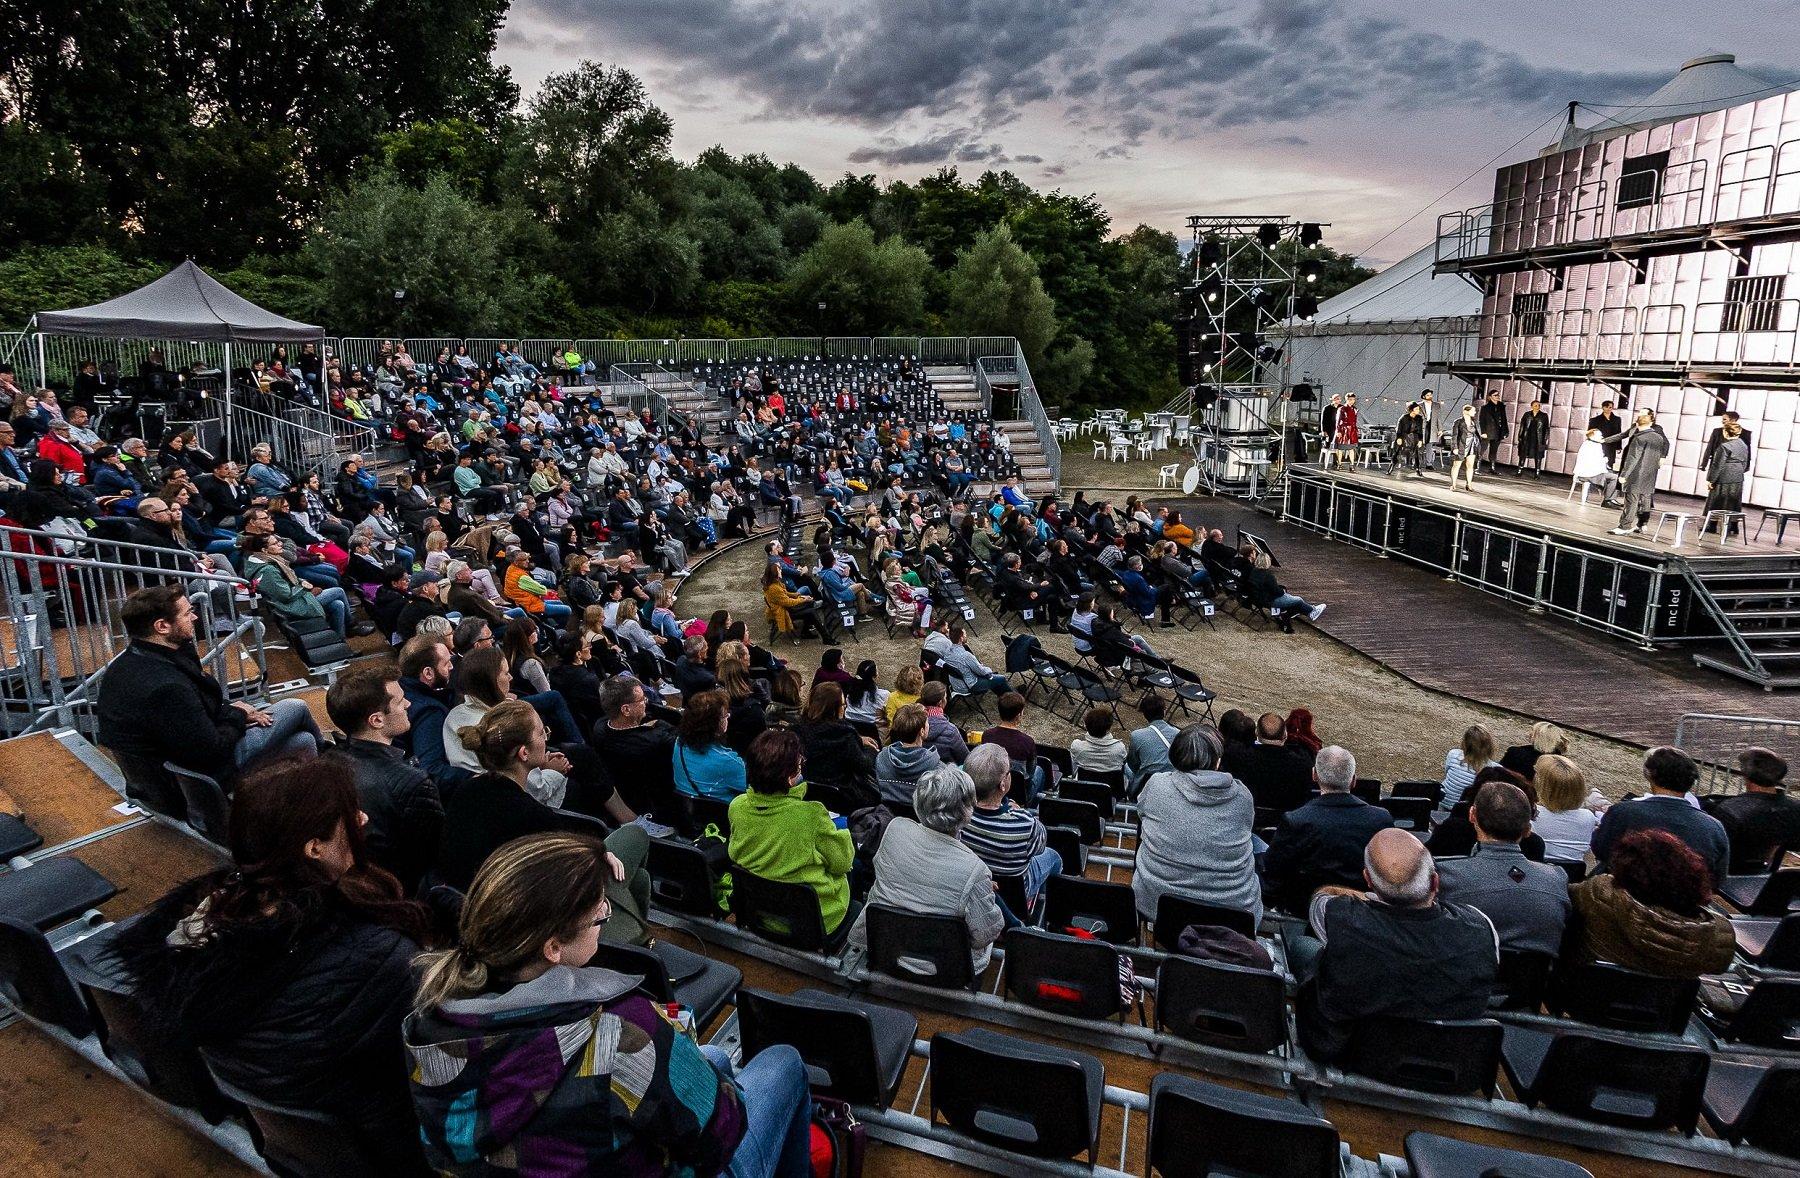 Das Bild zeigt die Perspektive des Publikums auf die Freiluftbühne bei der Aufführung des Musicals Jekyll and Hyde in der Freiluftarena Saar. Auf den Publikumsrängen sitzen viele Zuschauerinnen und Zuschauer und auf der Bühne ist das Ensemble beim Schauspiel zu sehen.